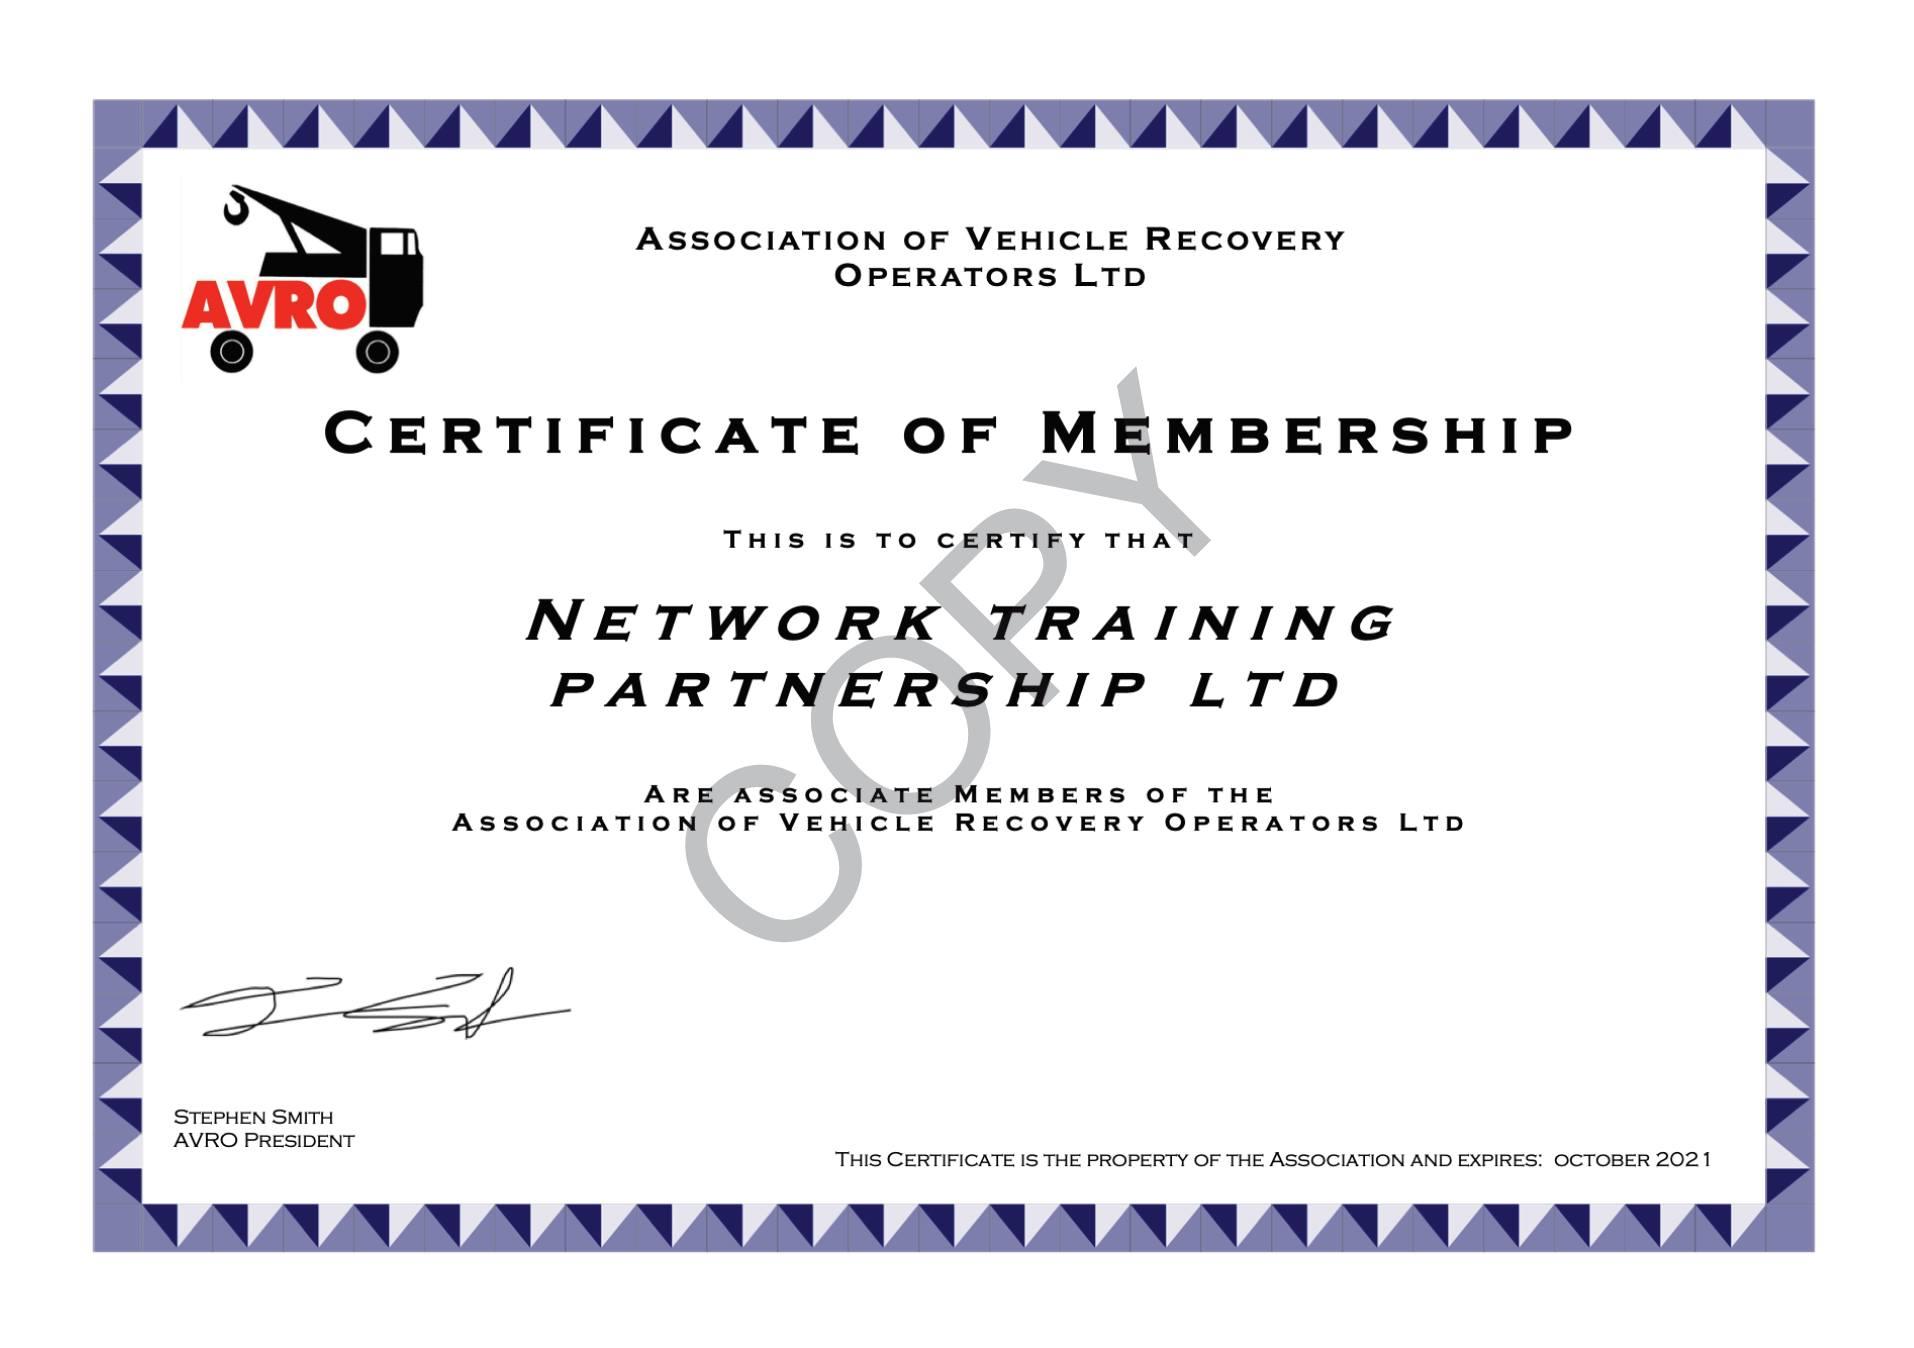 NTP joins AVRO as Associate Members